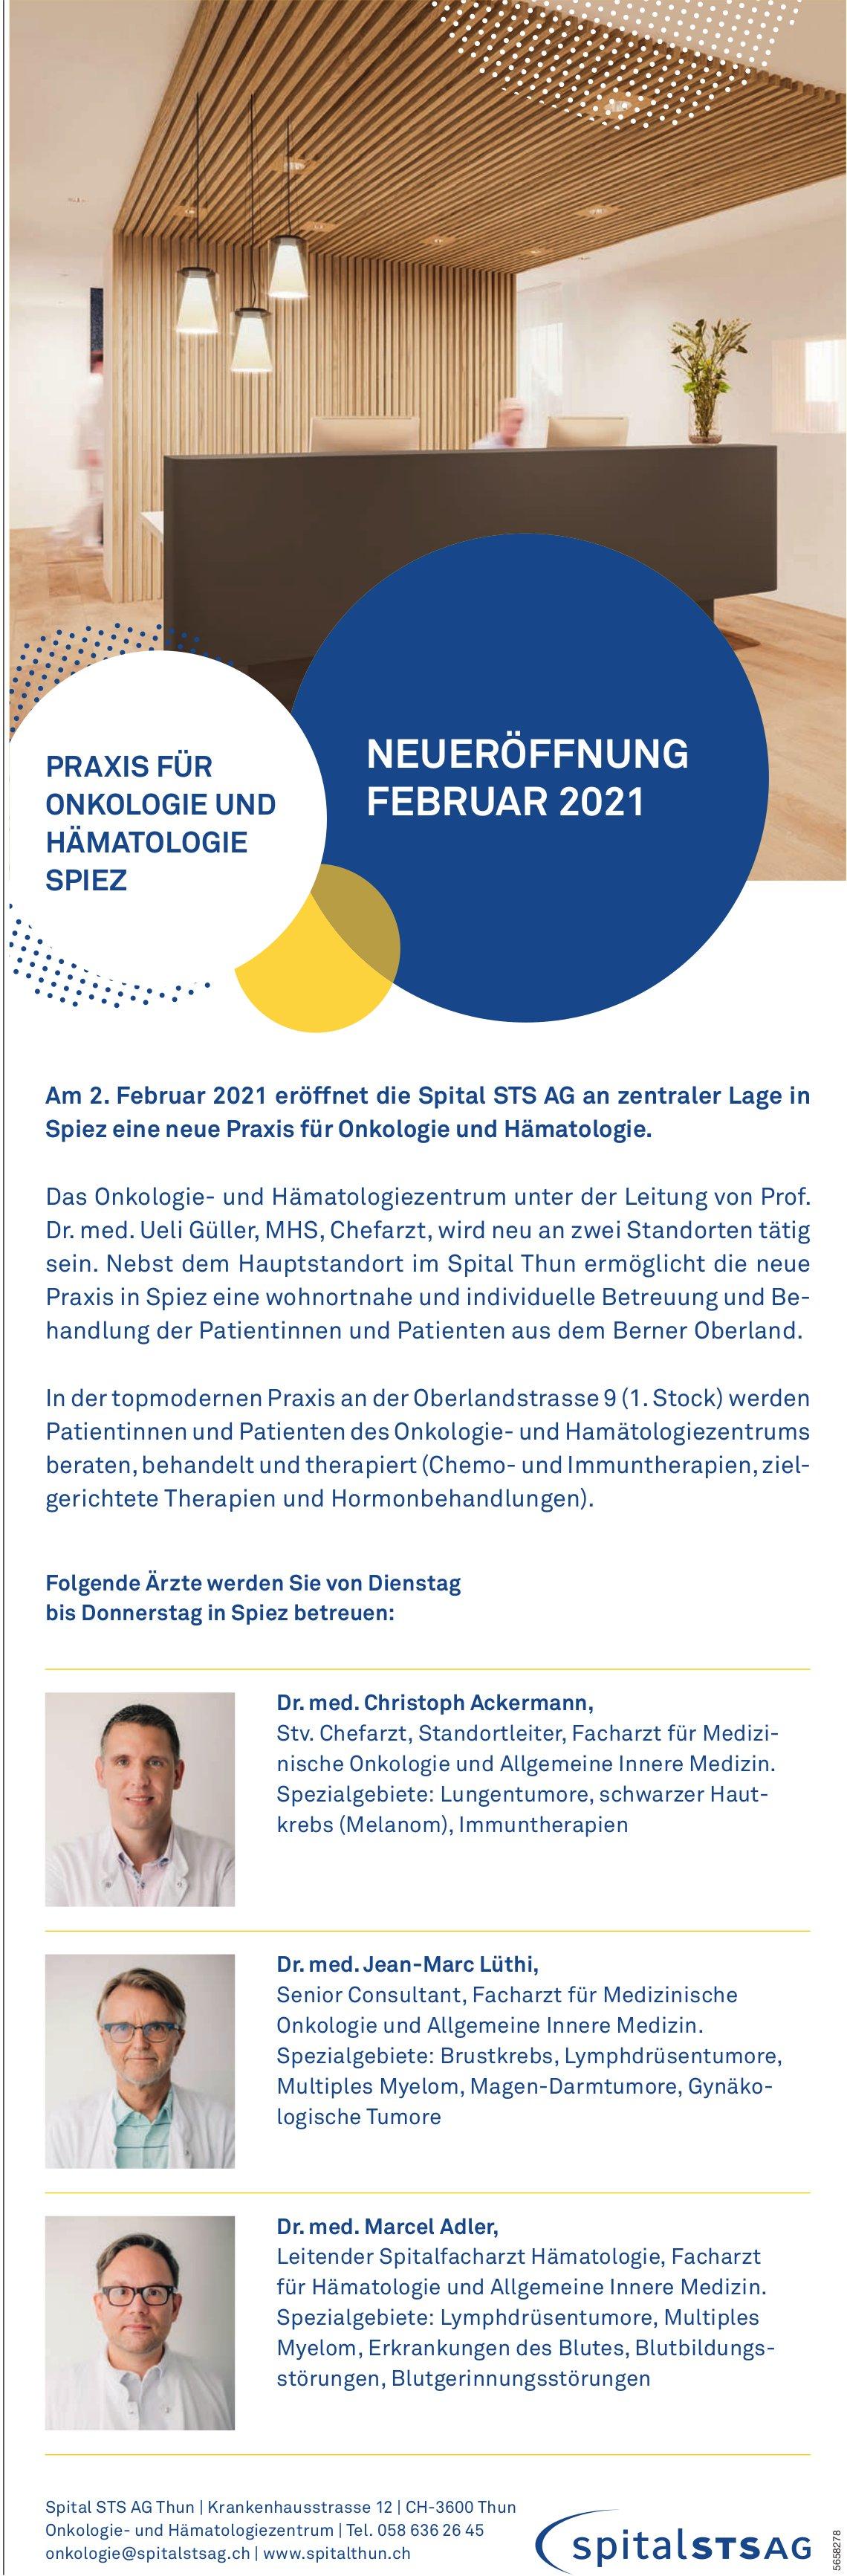 Neueröffnung Praxis für Onkologie und Hämatologie, 2. Februar, Spital STS AG, Spiez